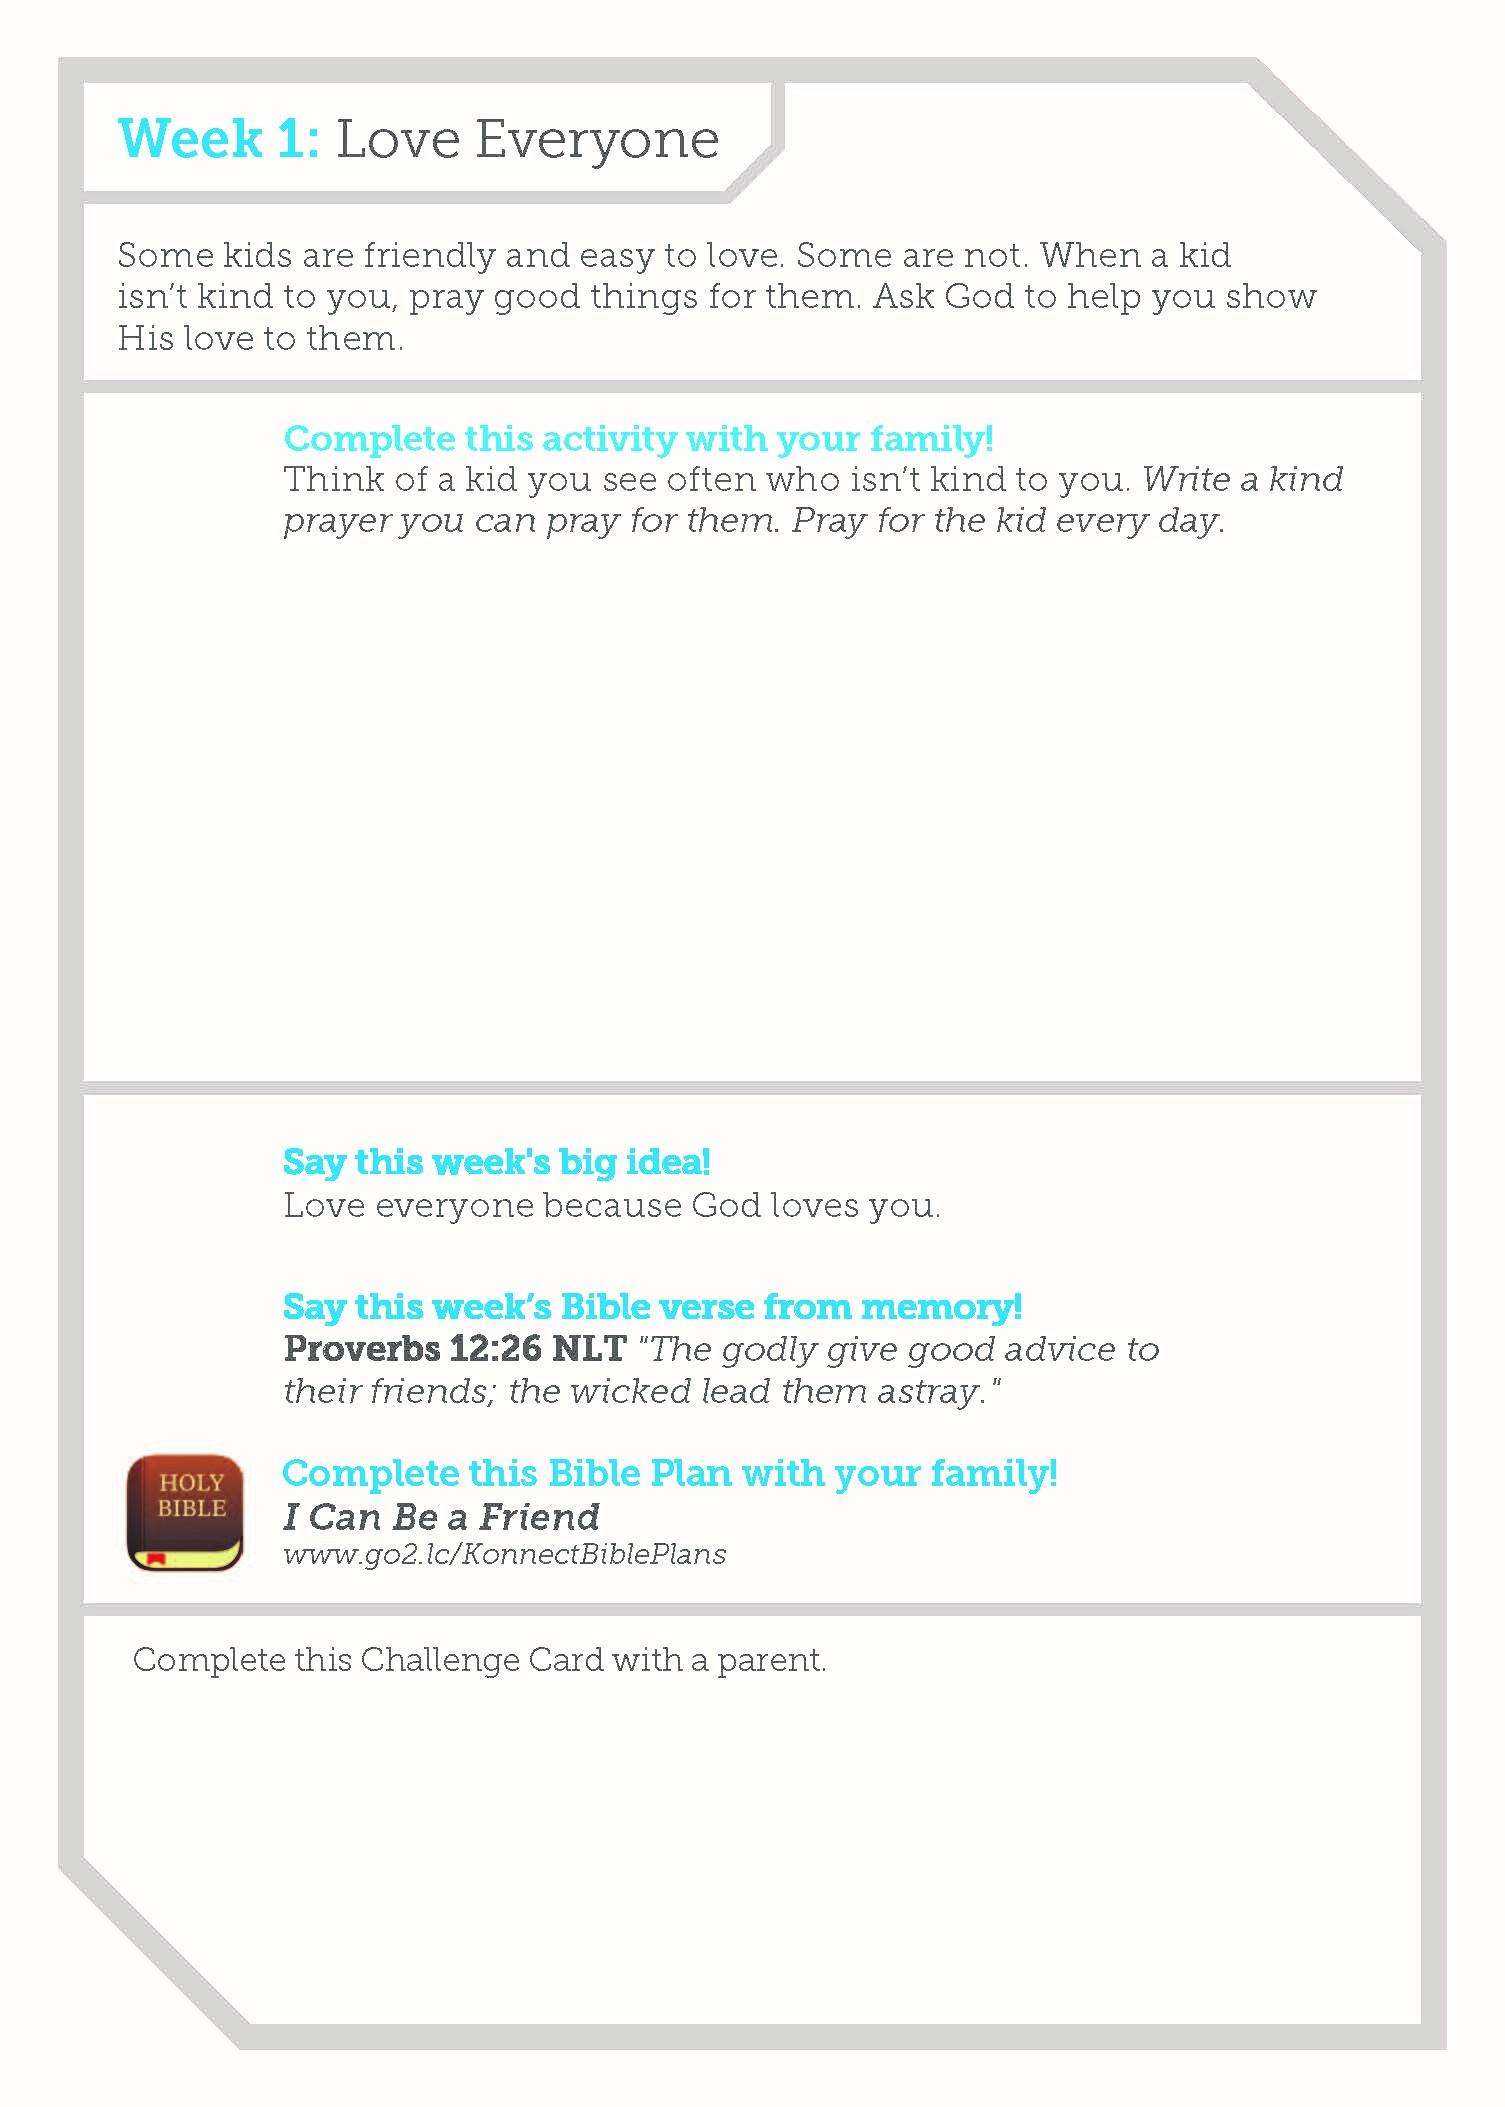 challenge card (week 1).jpg